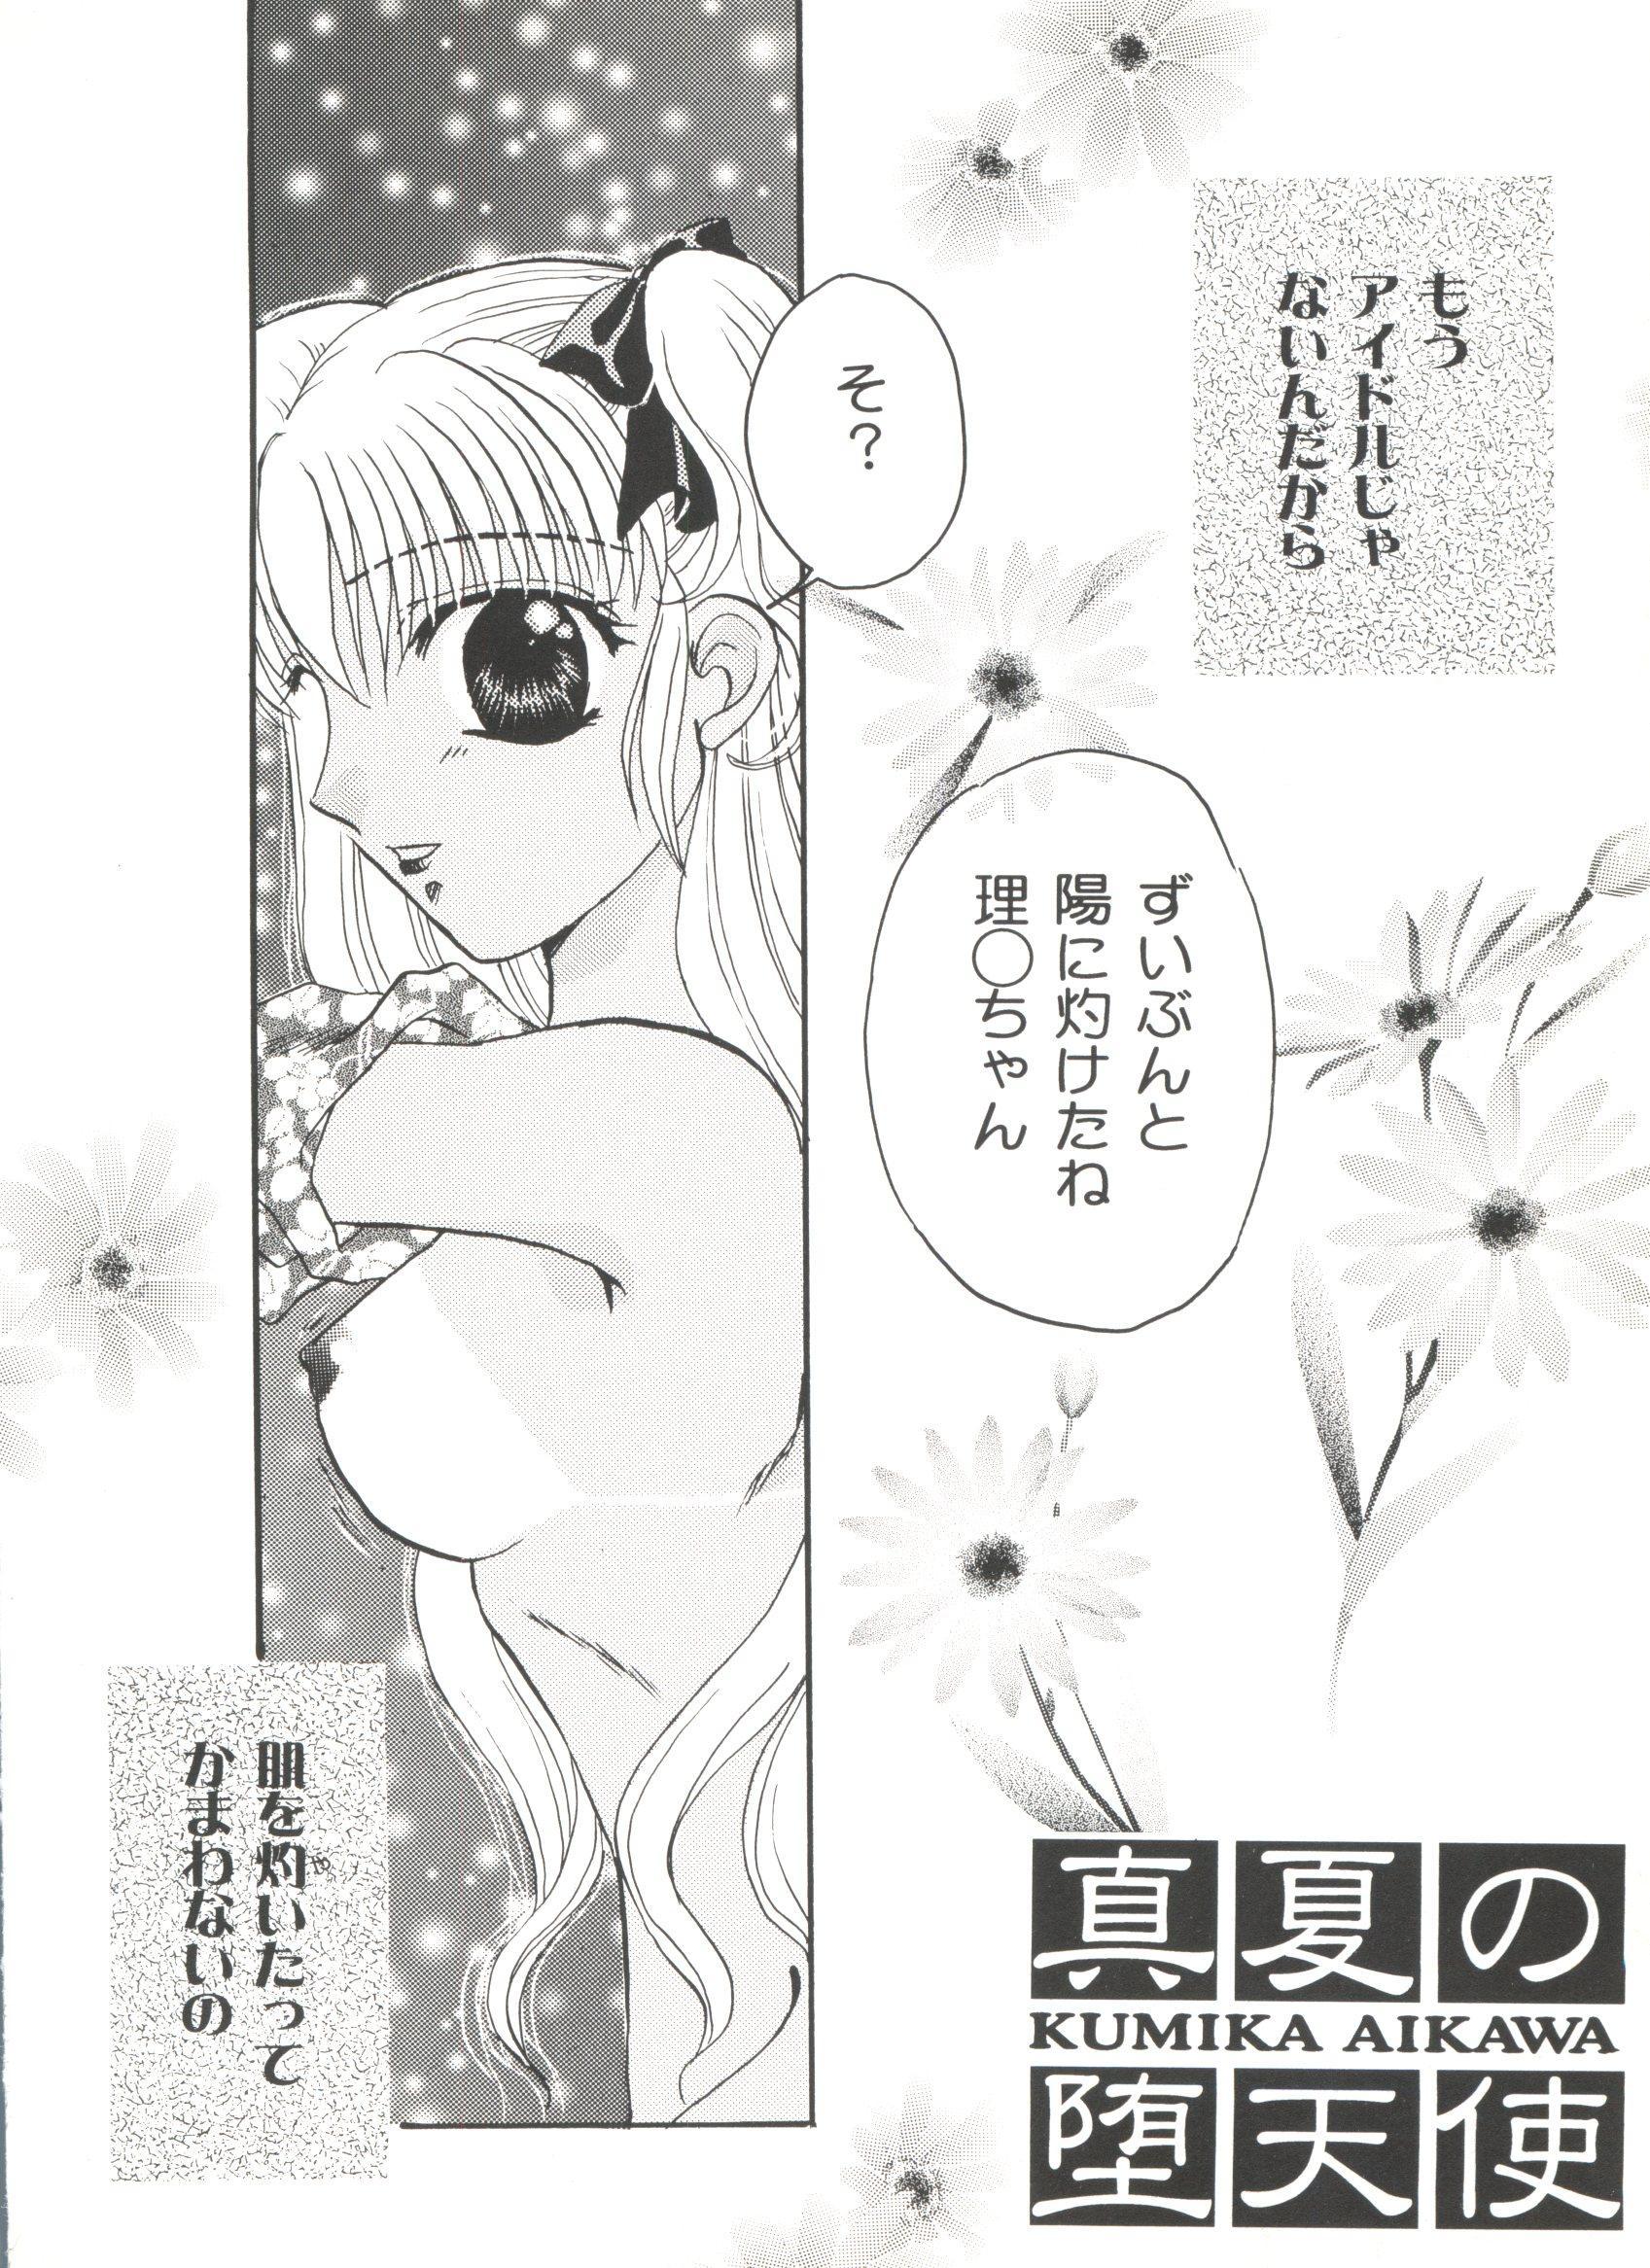 Bishoujo Doujinshi Anthology Cute 5 138